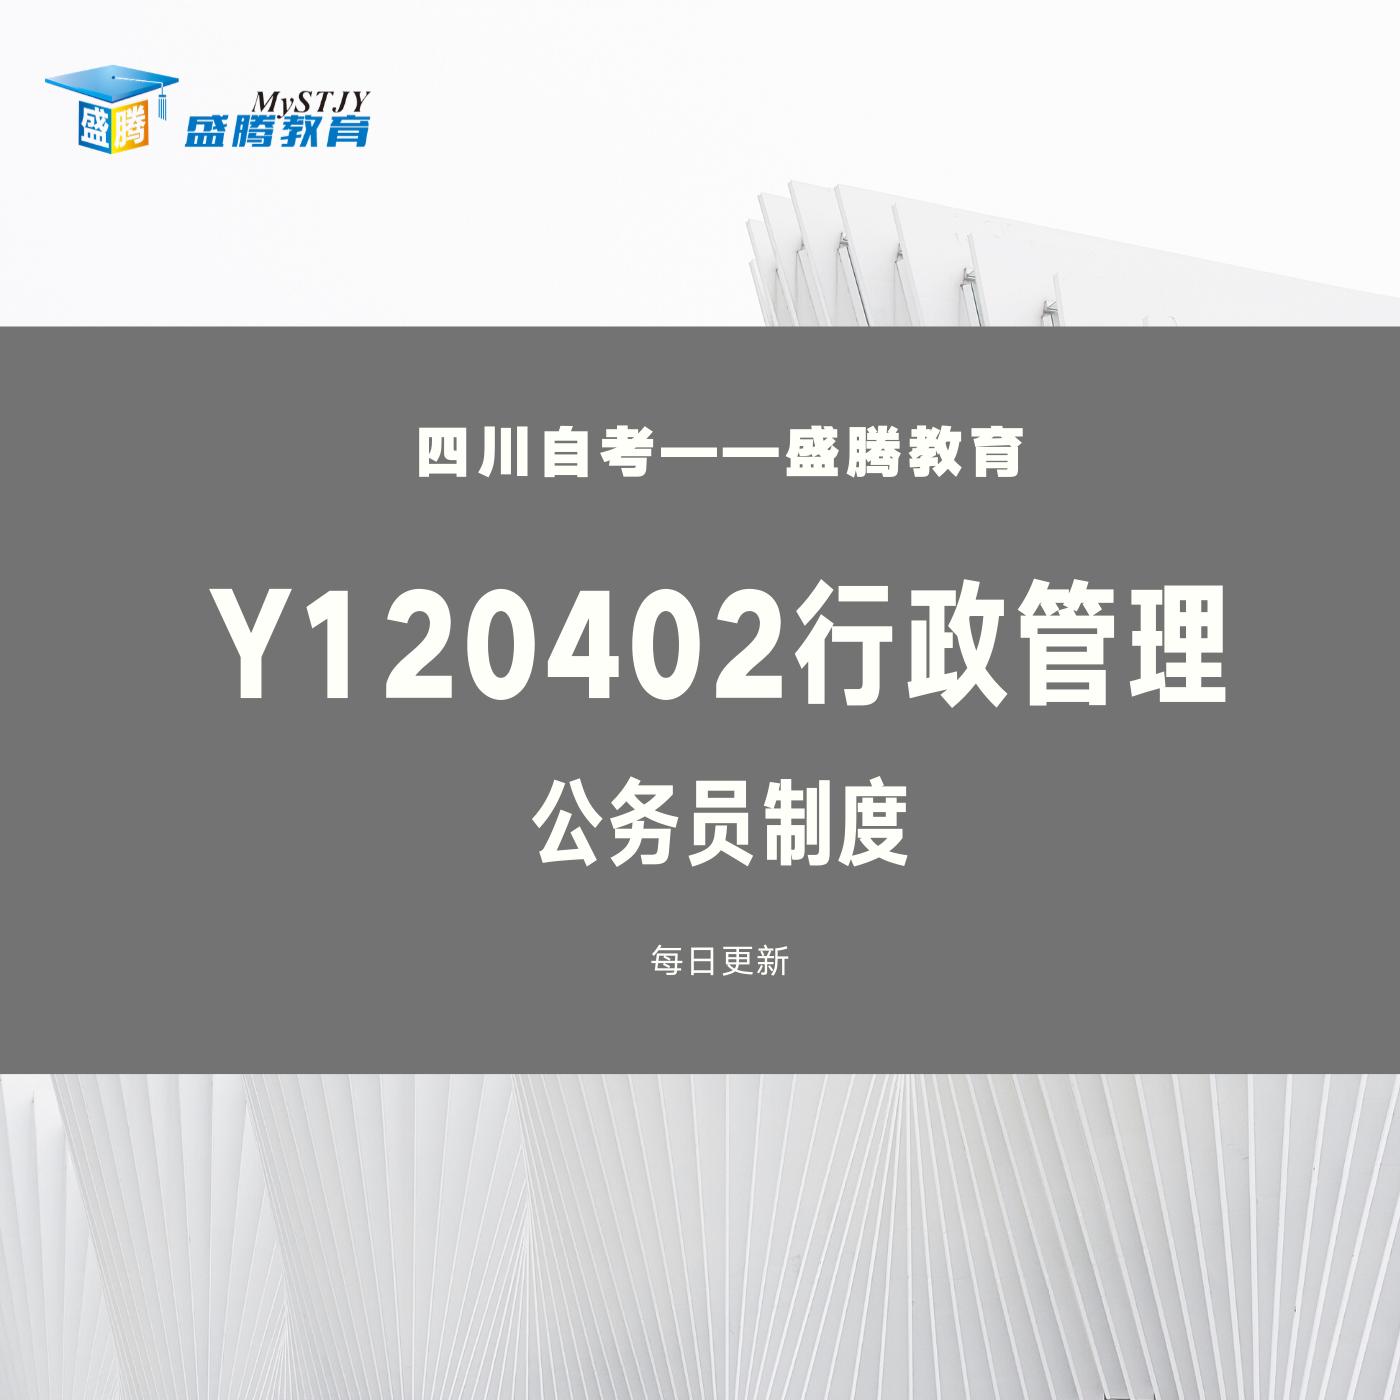 【四川自考】行政管理 重点复习资料